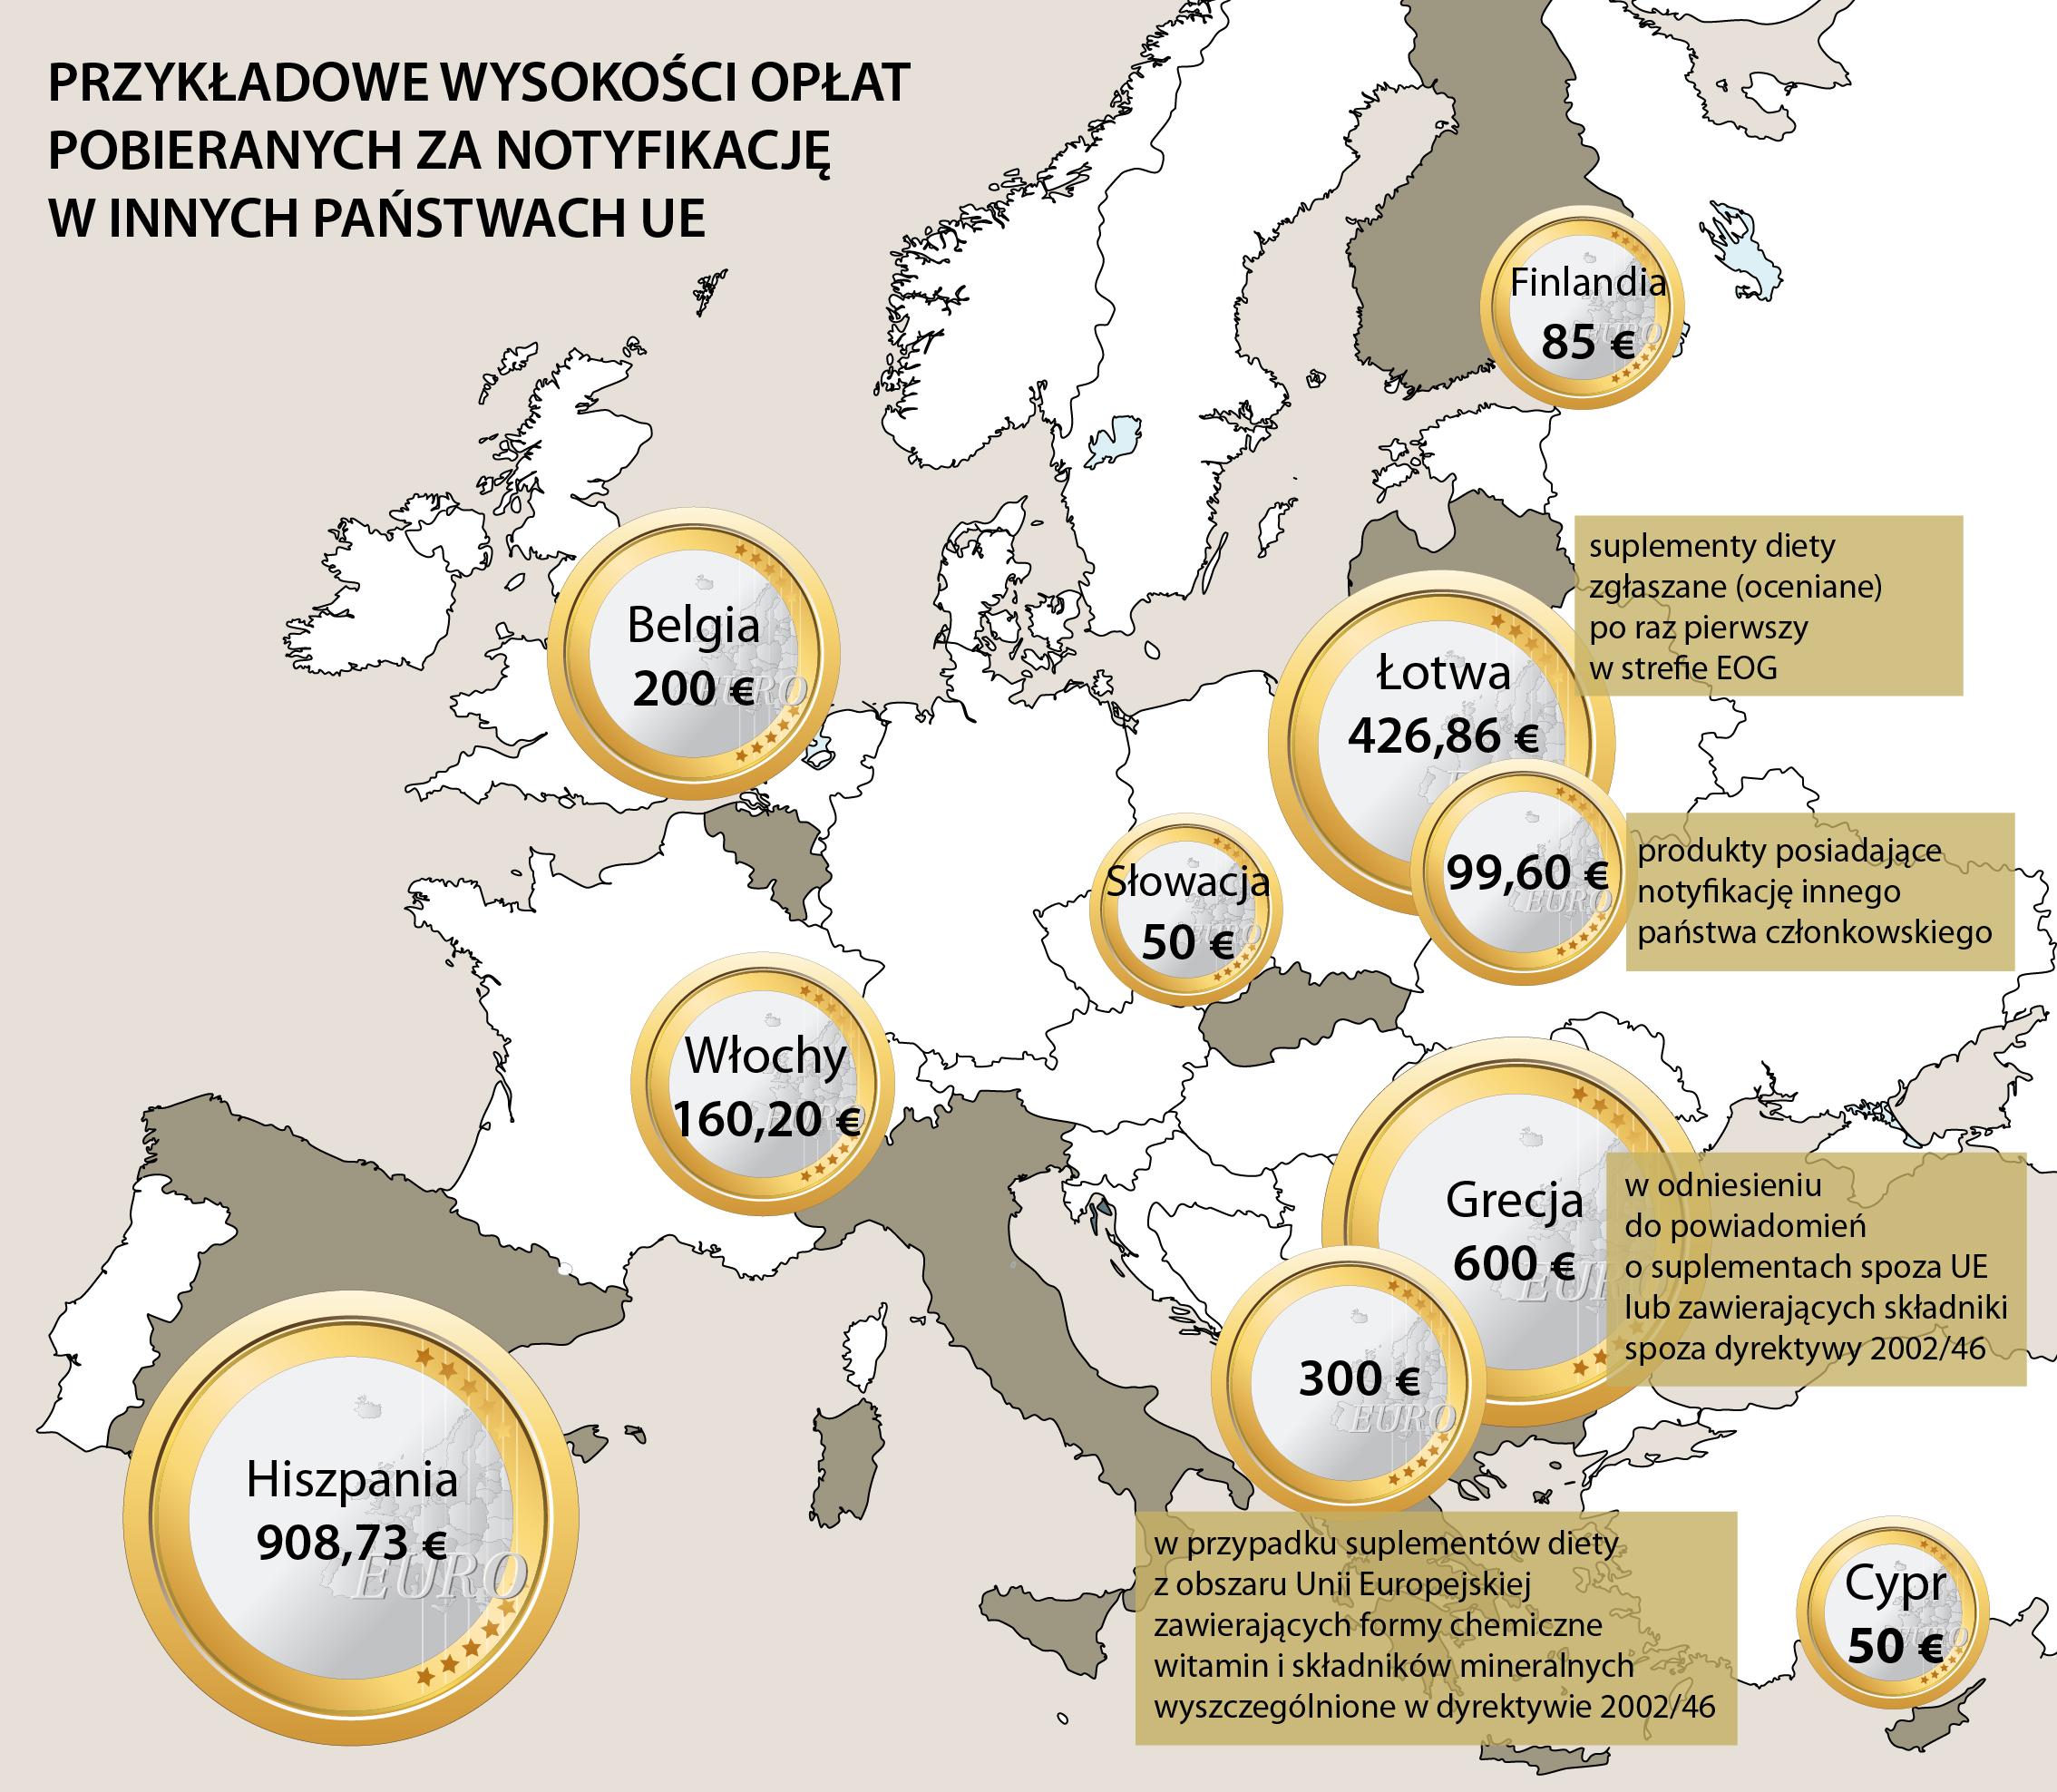 Opłaty pobierane w UE za notyfikacje